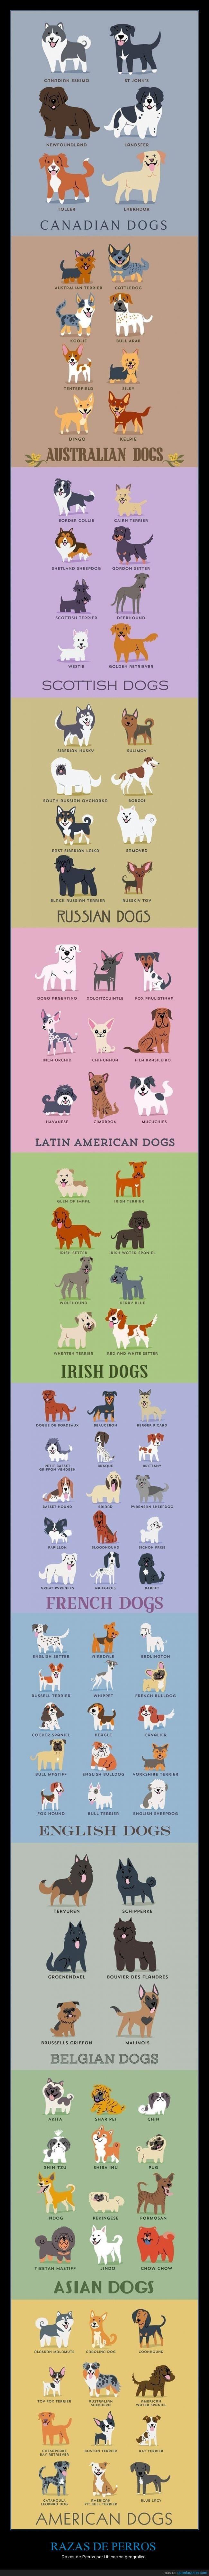 RAZAS DE PERROS - Razas de Perros por Ubicación geografica